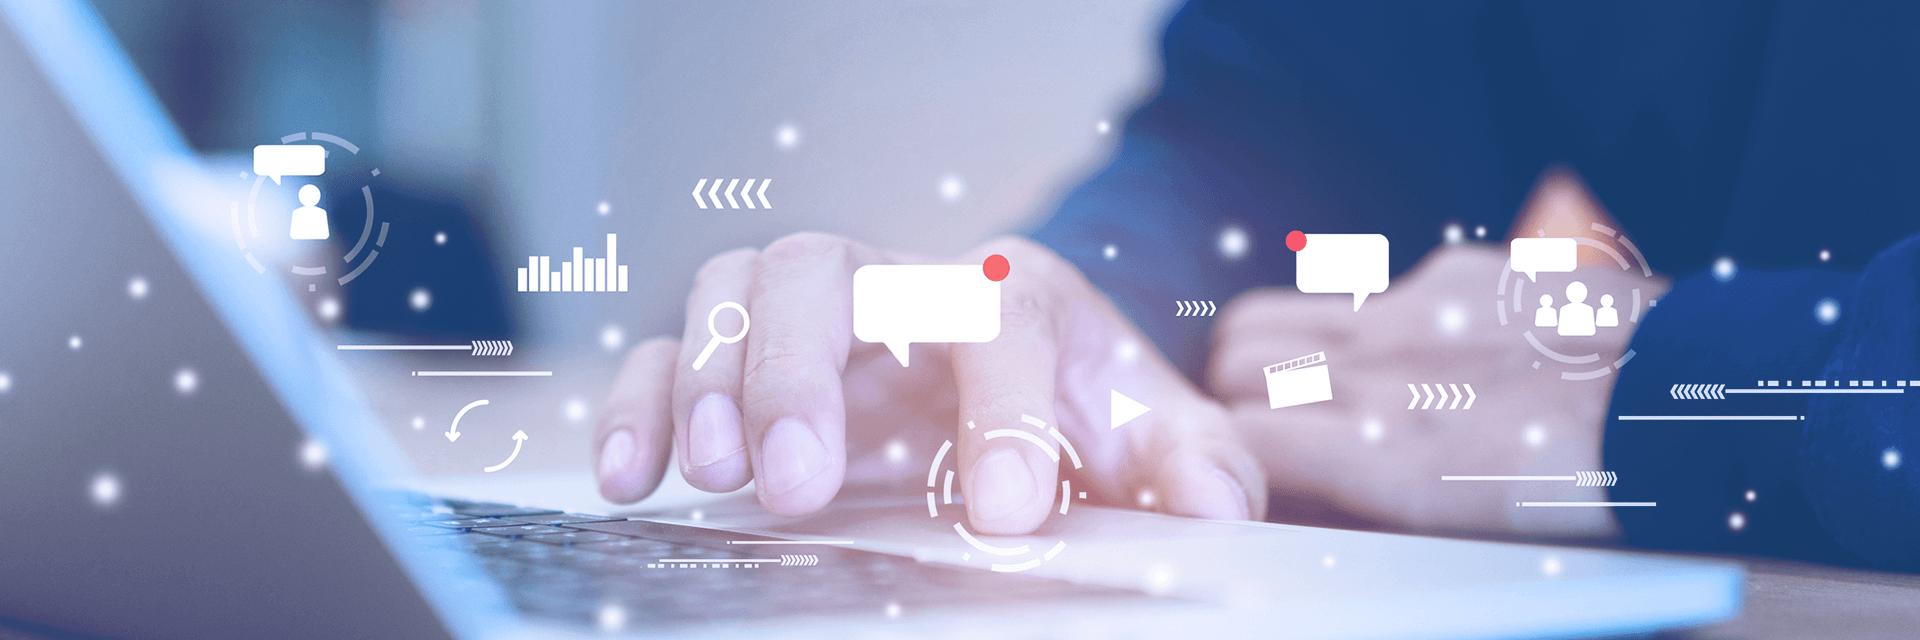 Tendências para o marketing digital 2020